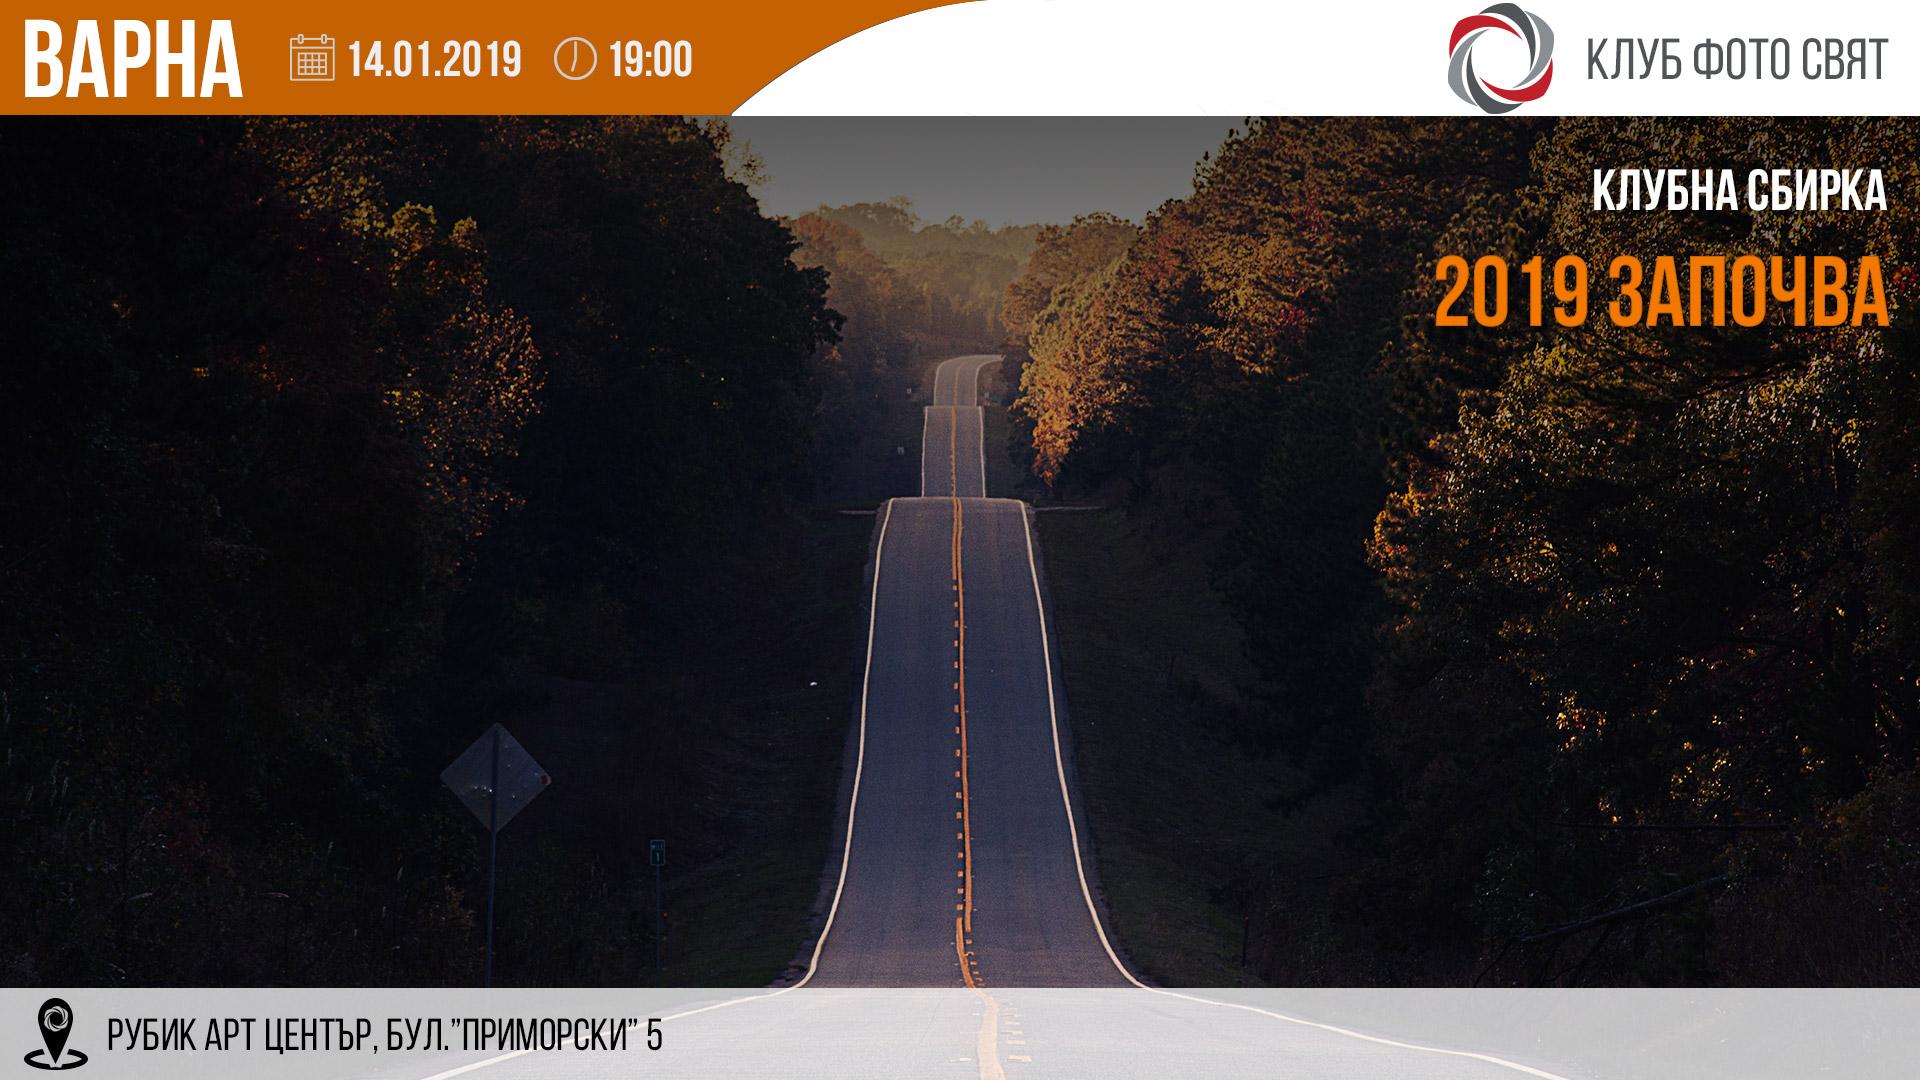 Клубна сбирка - 2019 започва - Варна